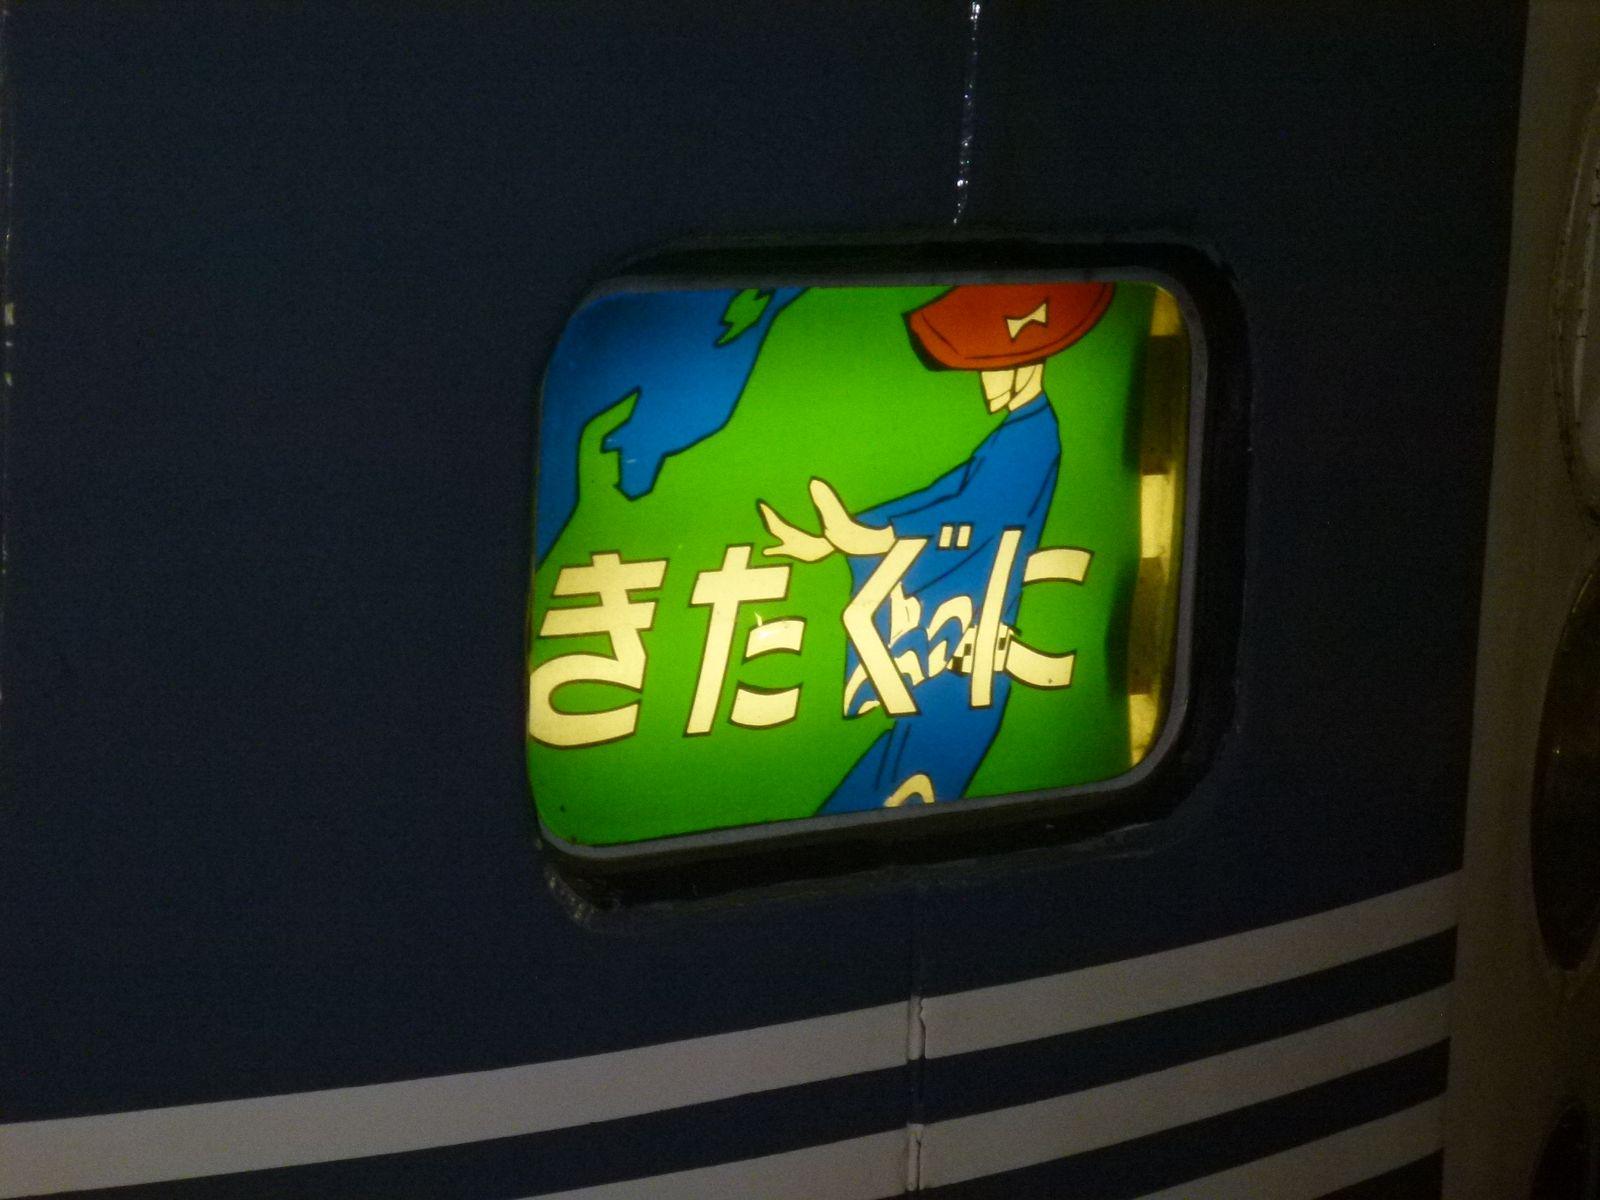 急行きたぐに号のヘッドマーク(JPG-180k)